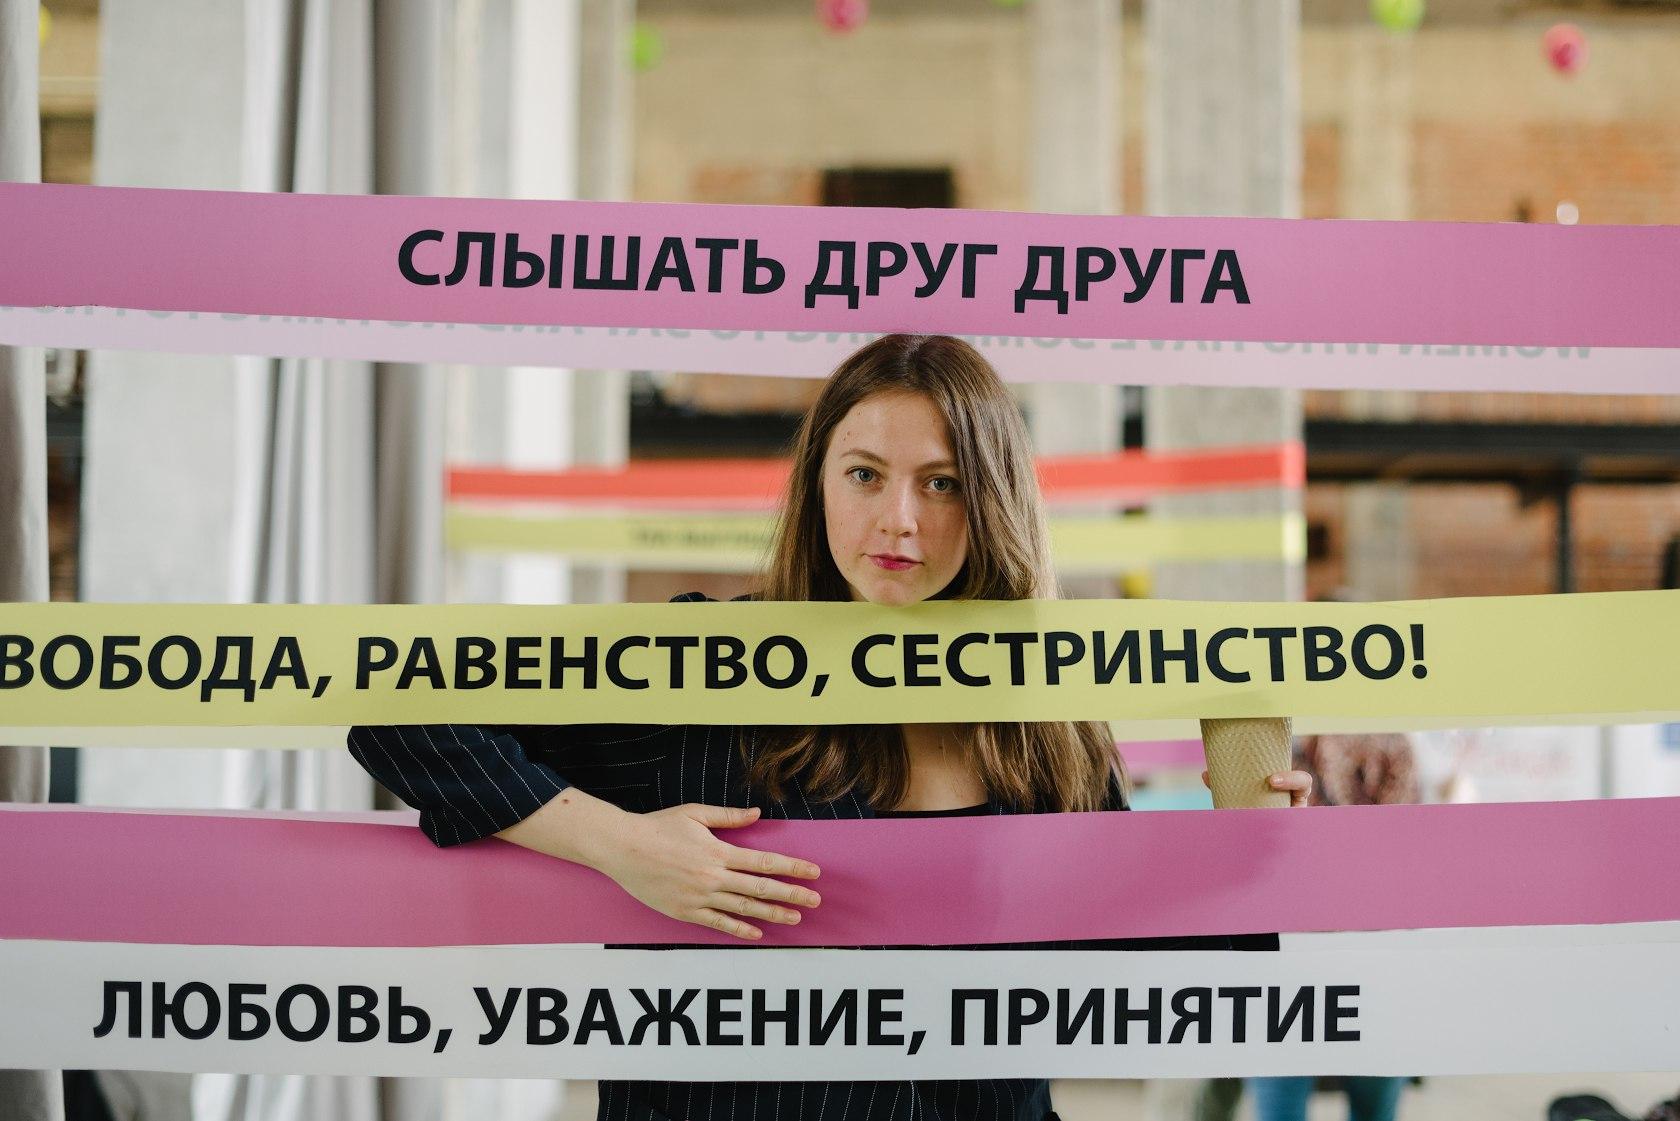 20-21 ноября пройдет онлайн-фестиваль гендерной грамотности Moscow FemFest